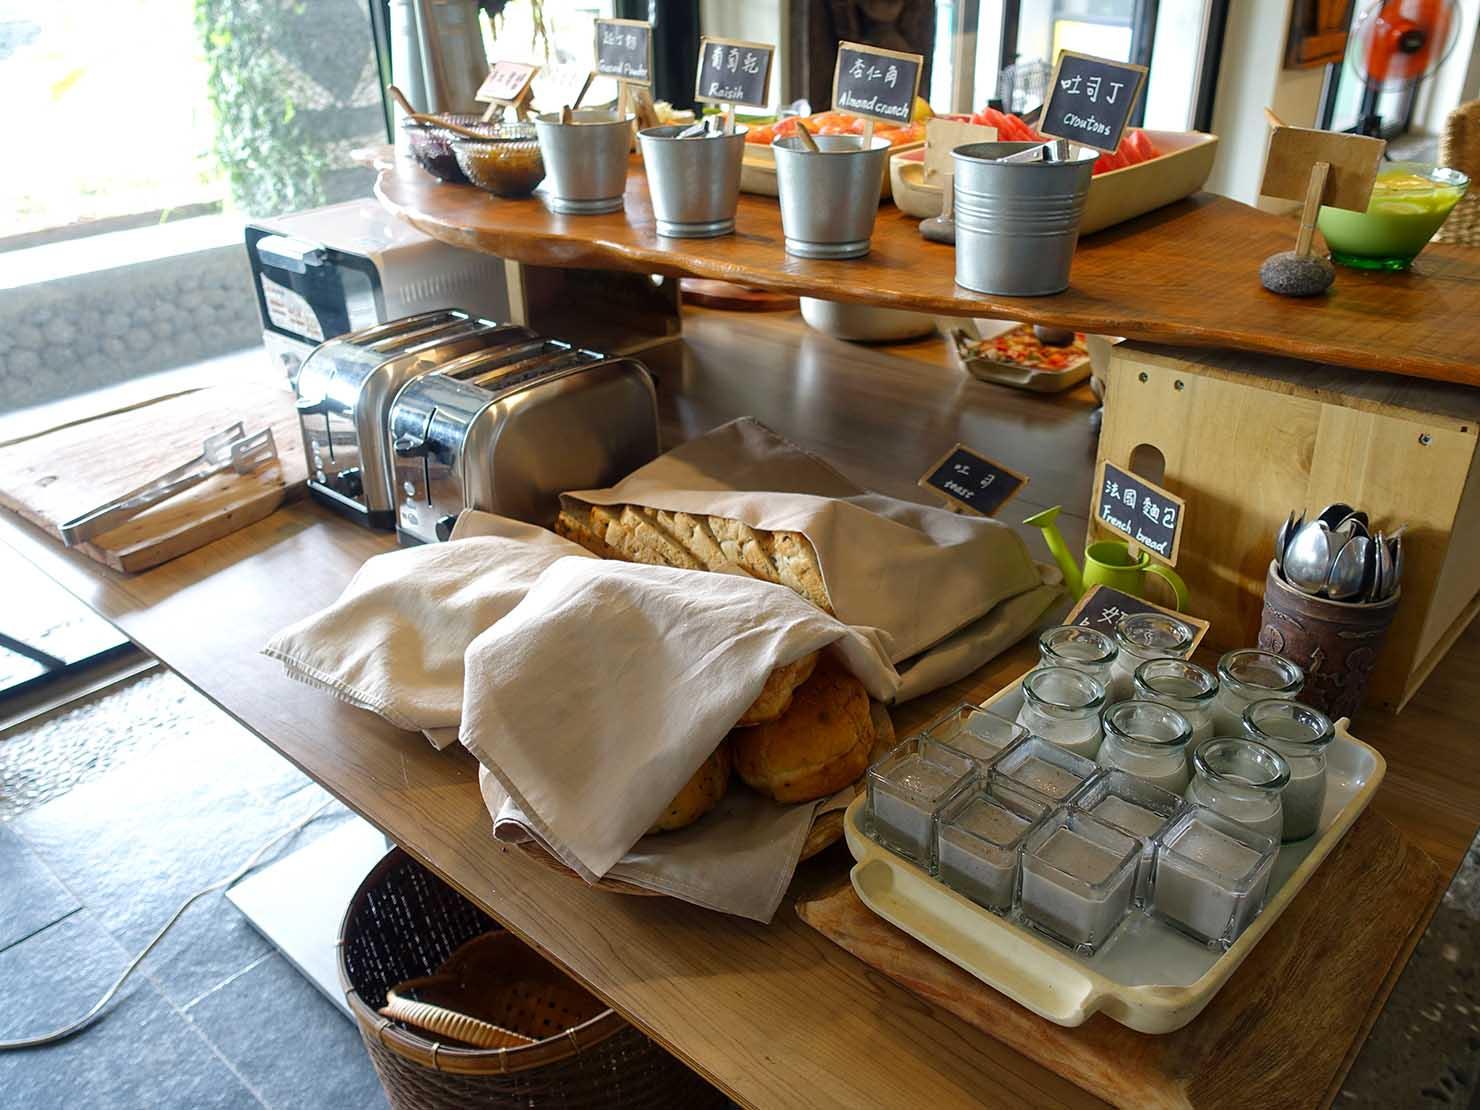 台湾・台東市街のおすすめホテル「MATA家屋」朝食ビュッフェのパン